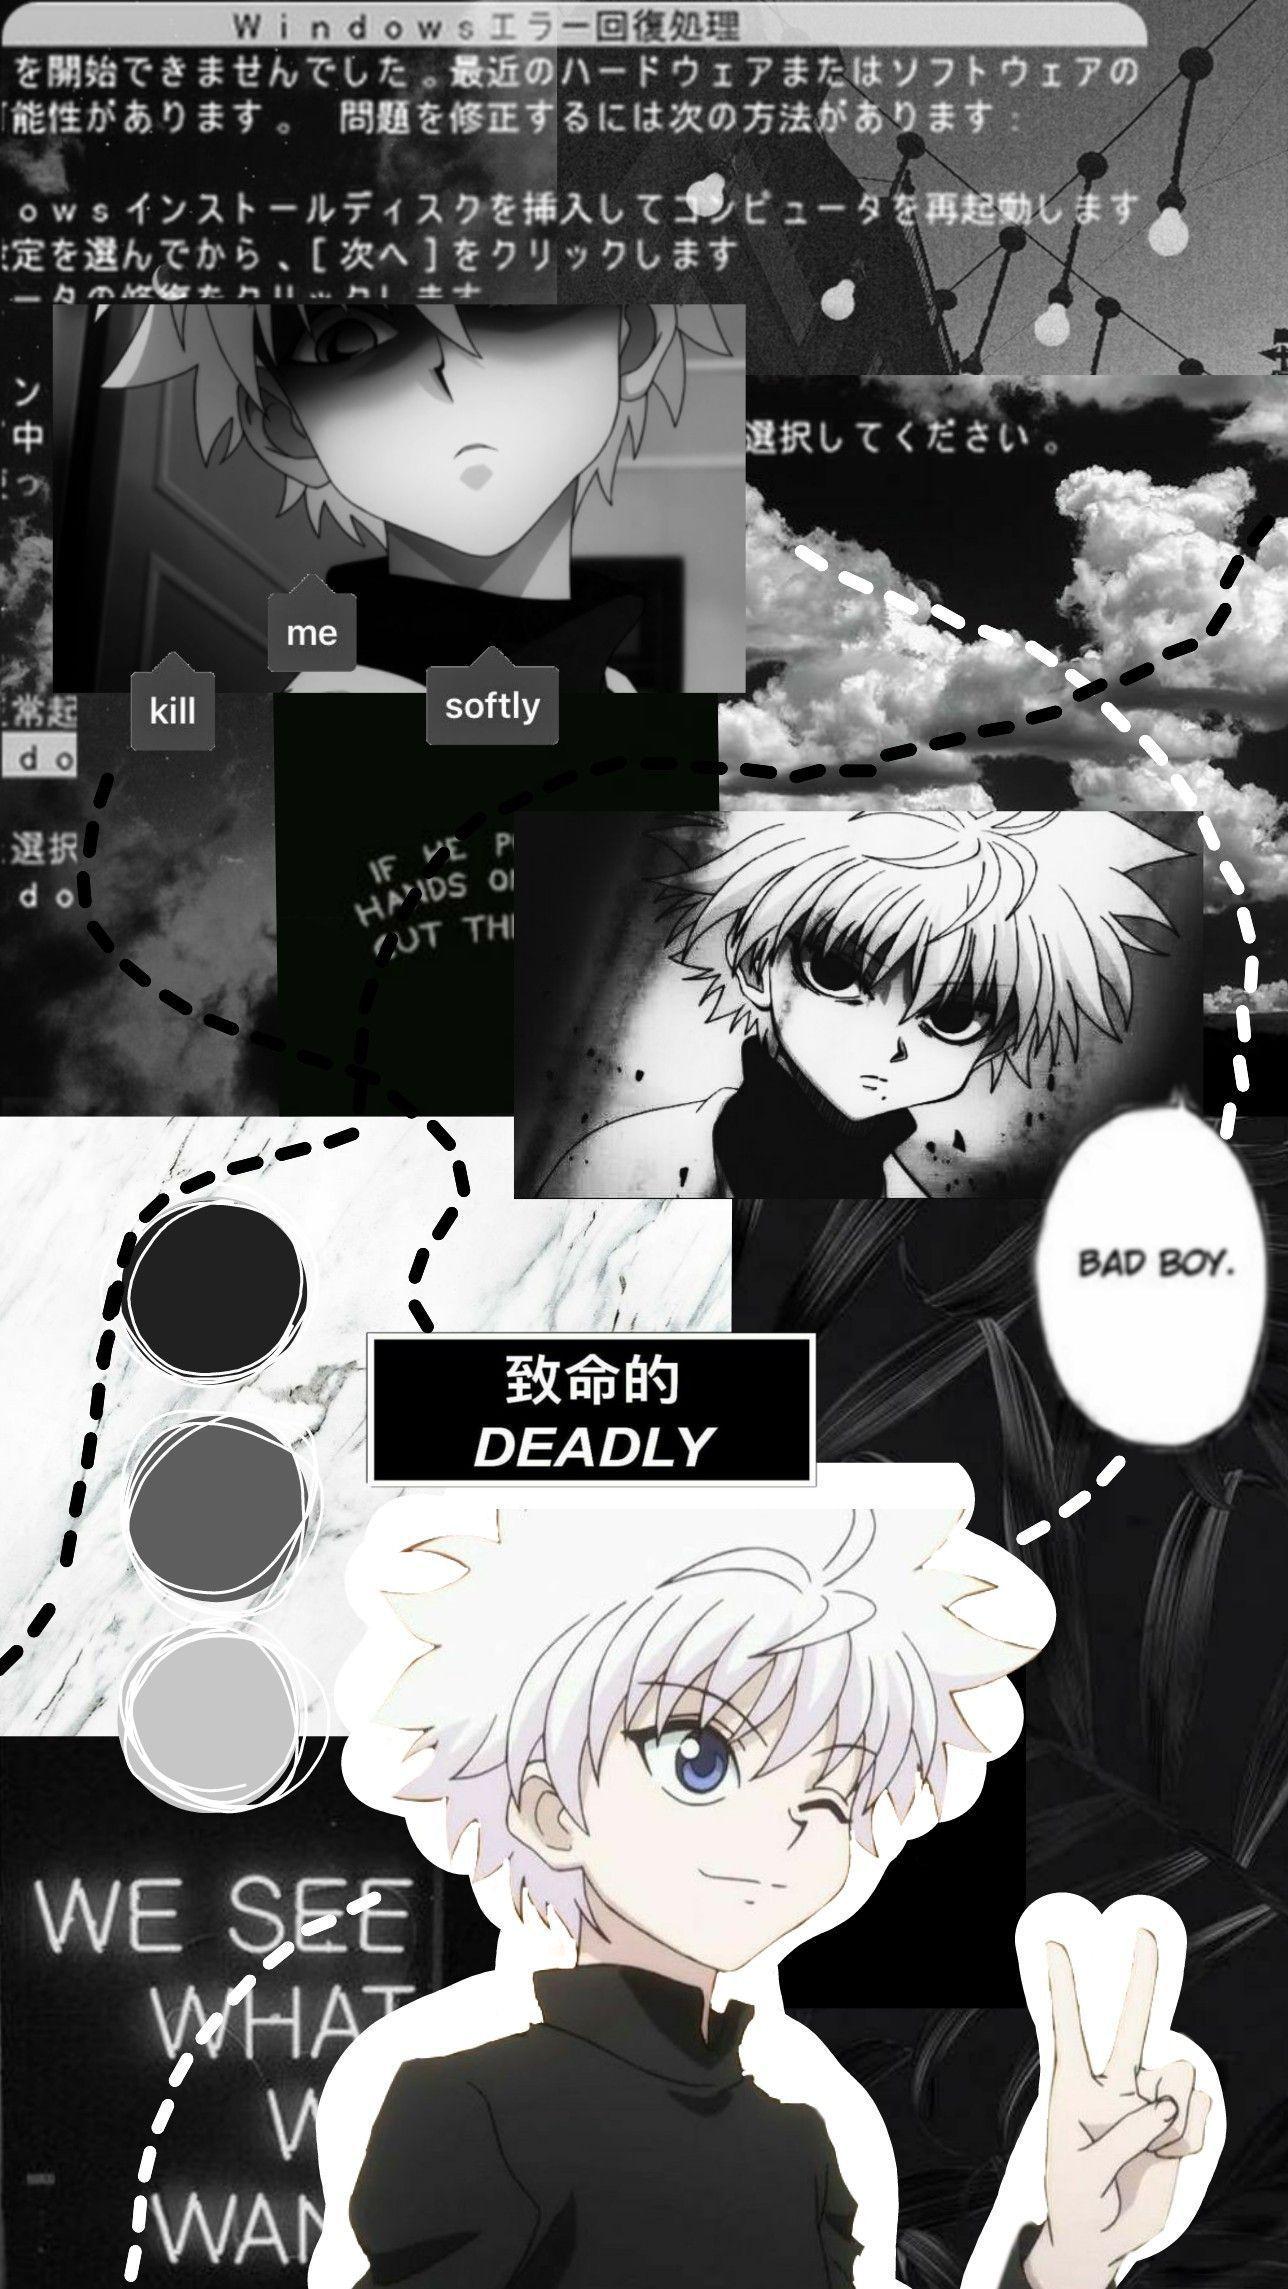 Epingler Sur Les Arriere Plans In 2020 Anime Wallpaper Anime Backgrounds Wallpapers Anime Background